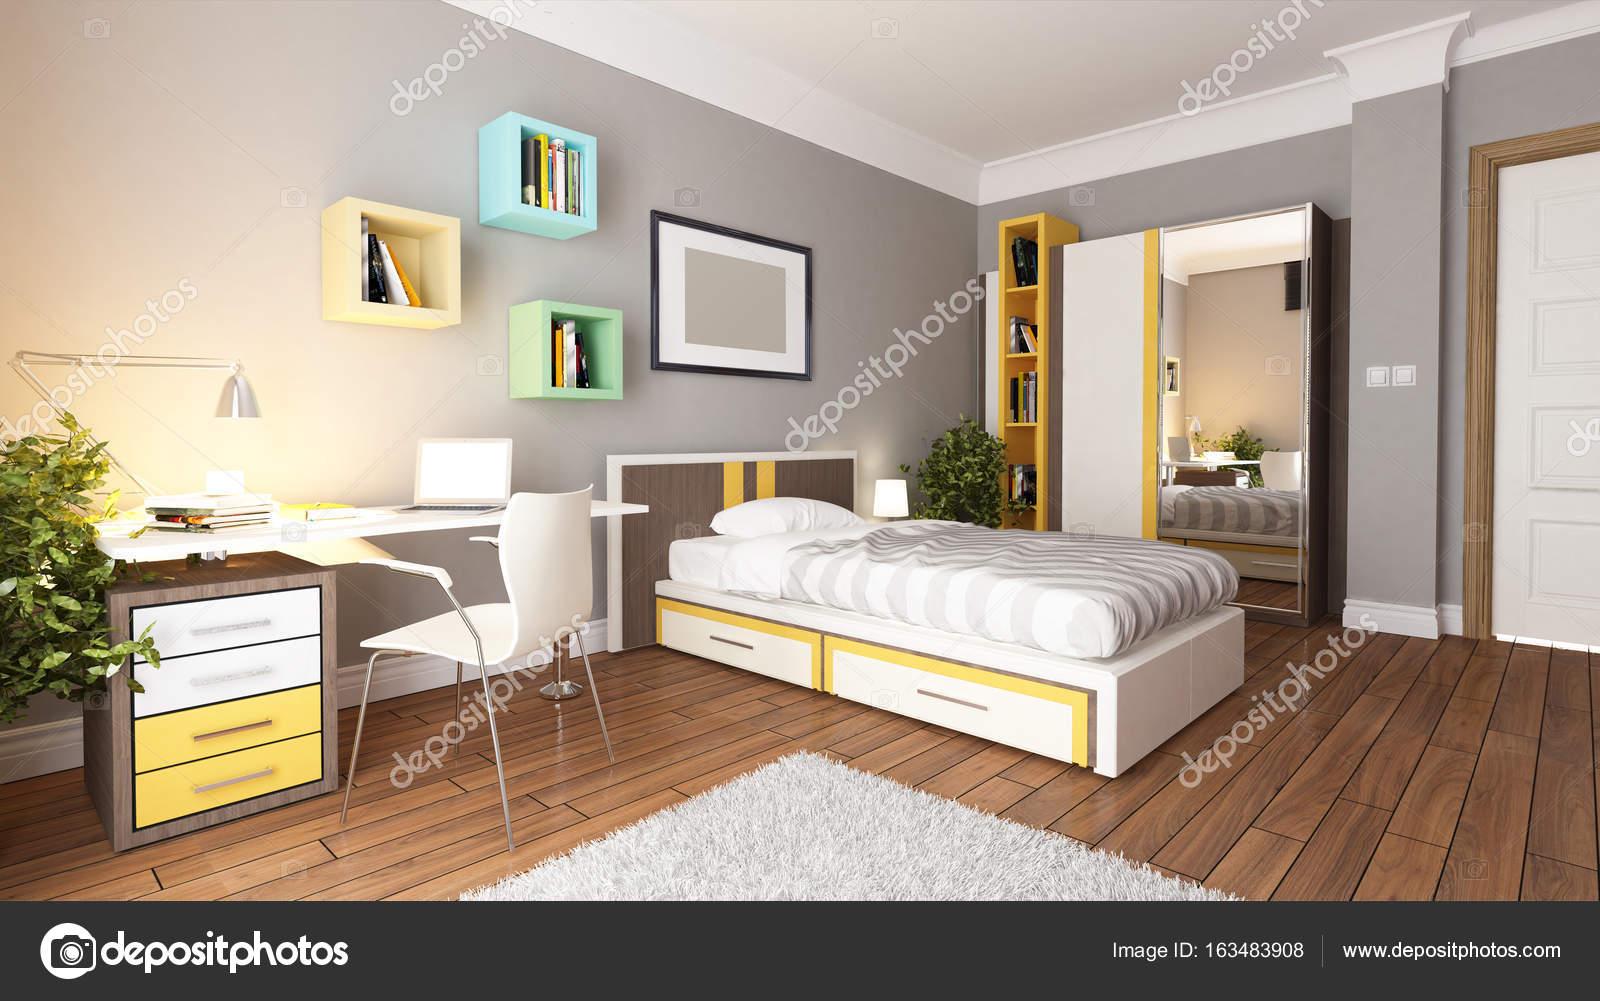 tiener jonge slaapkamer design idee — Stockfoto © sseven #163483908